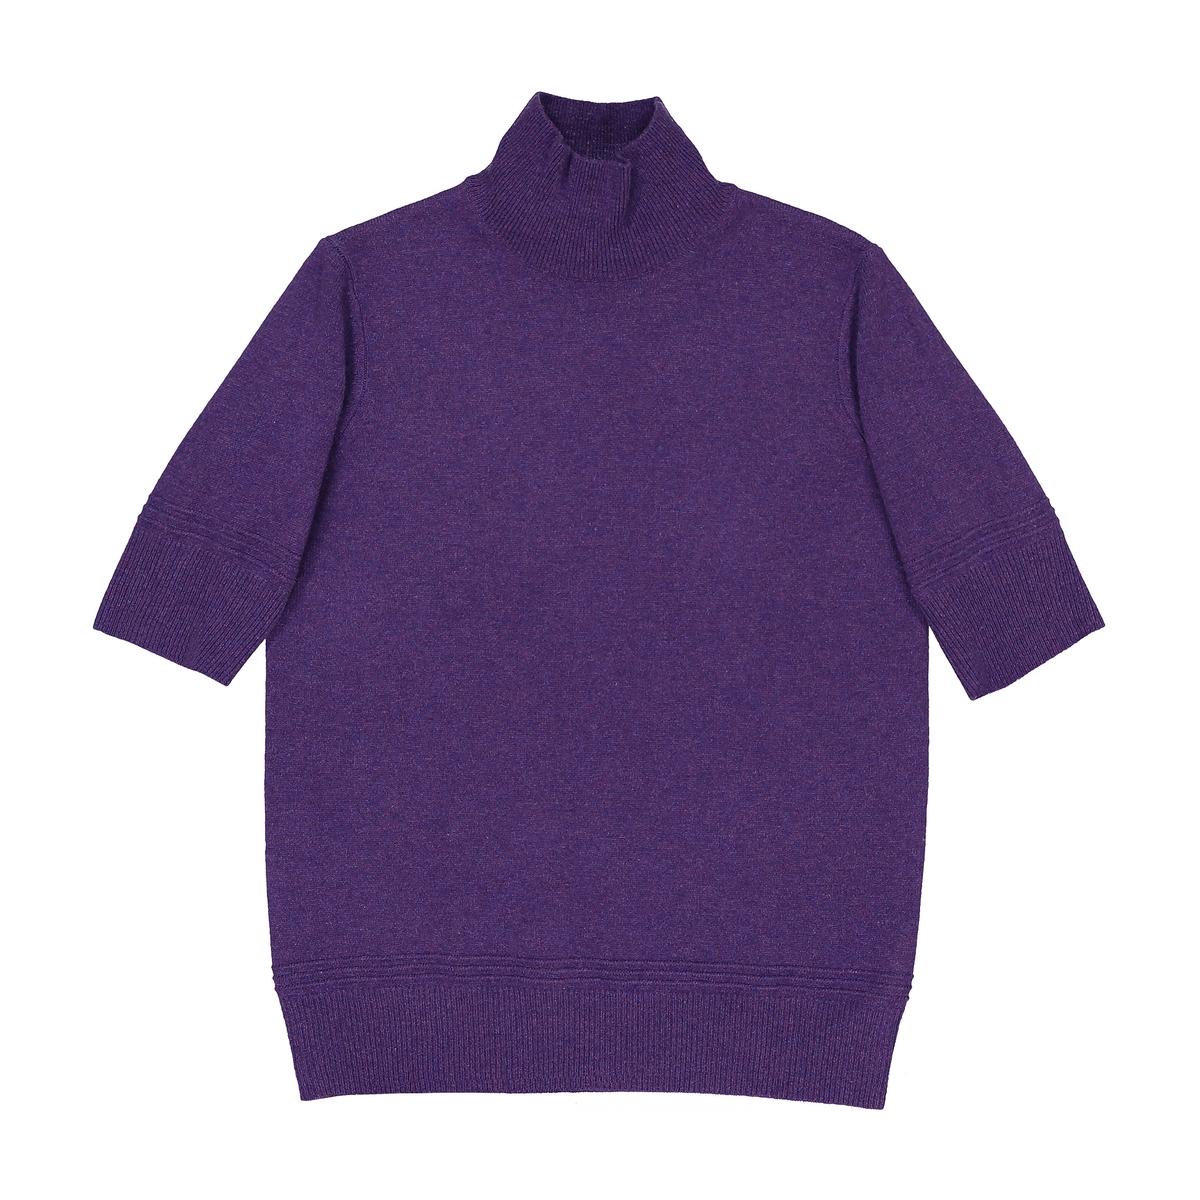 Пуловер с воротником, 100% кашемир пуловер свободный с воротником с отворотом plunkett